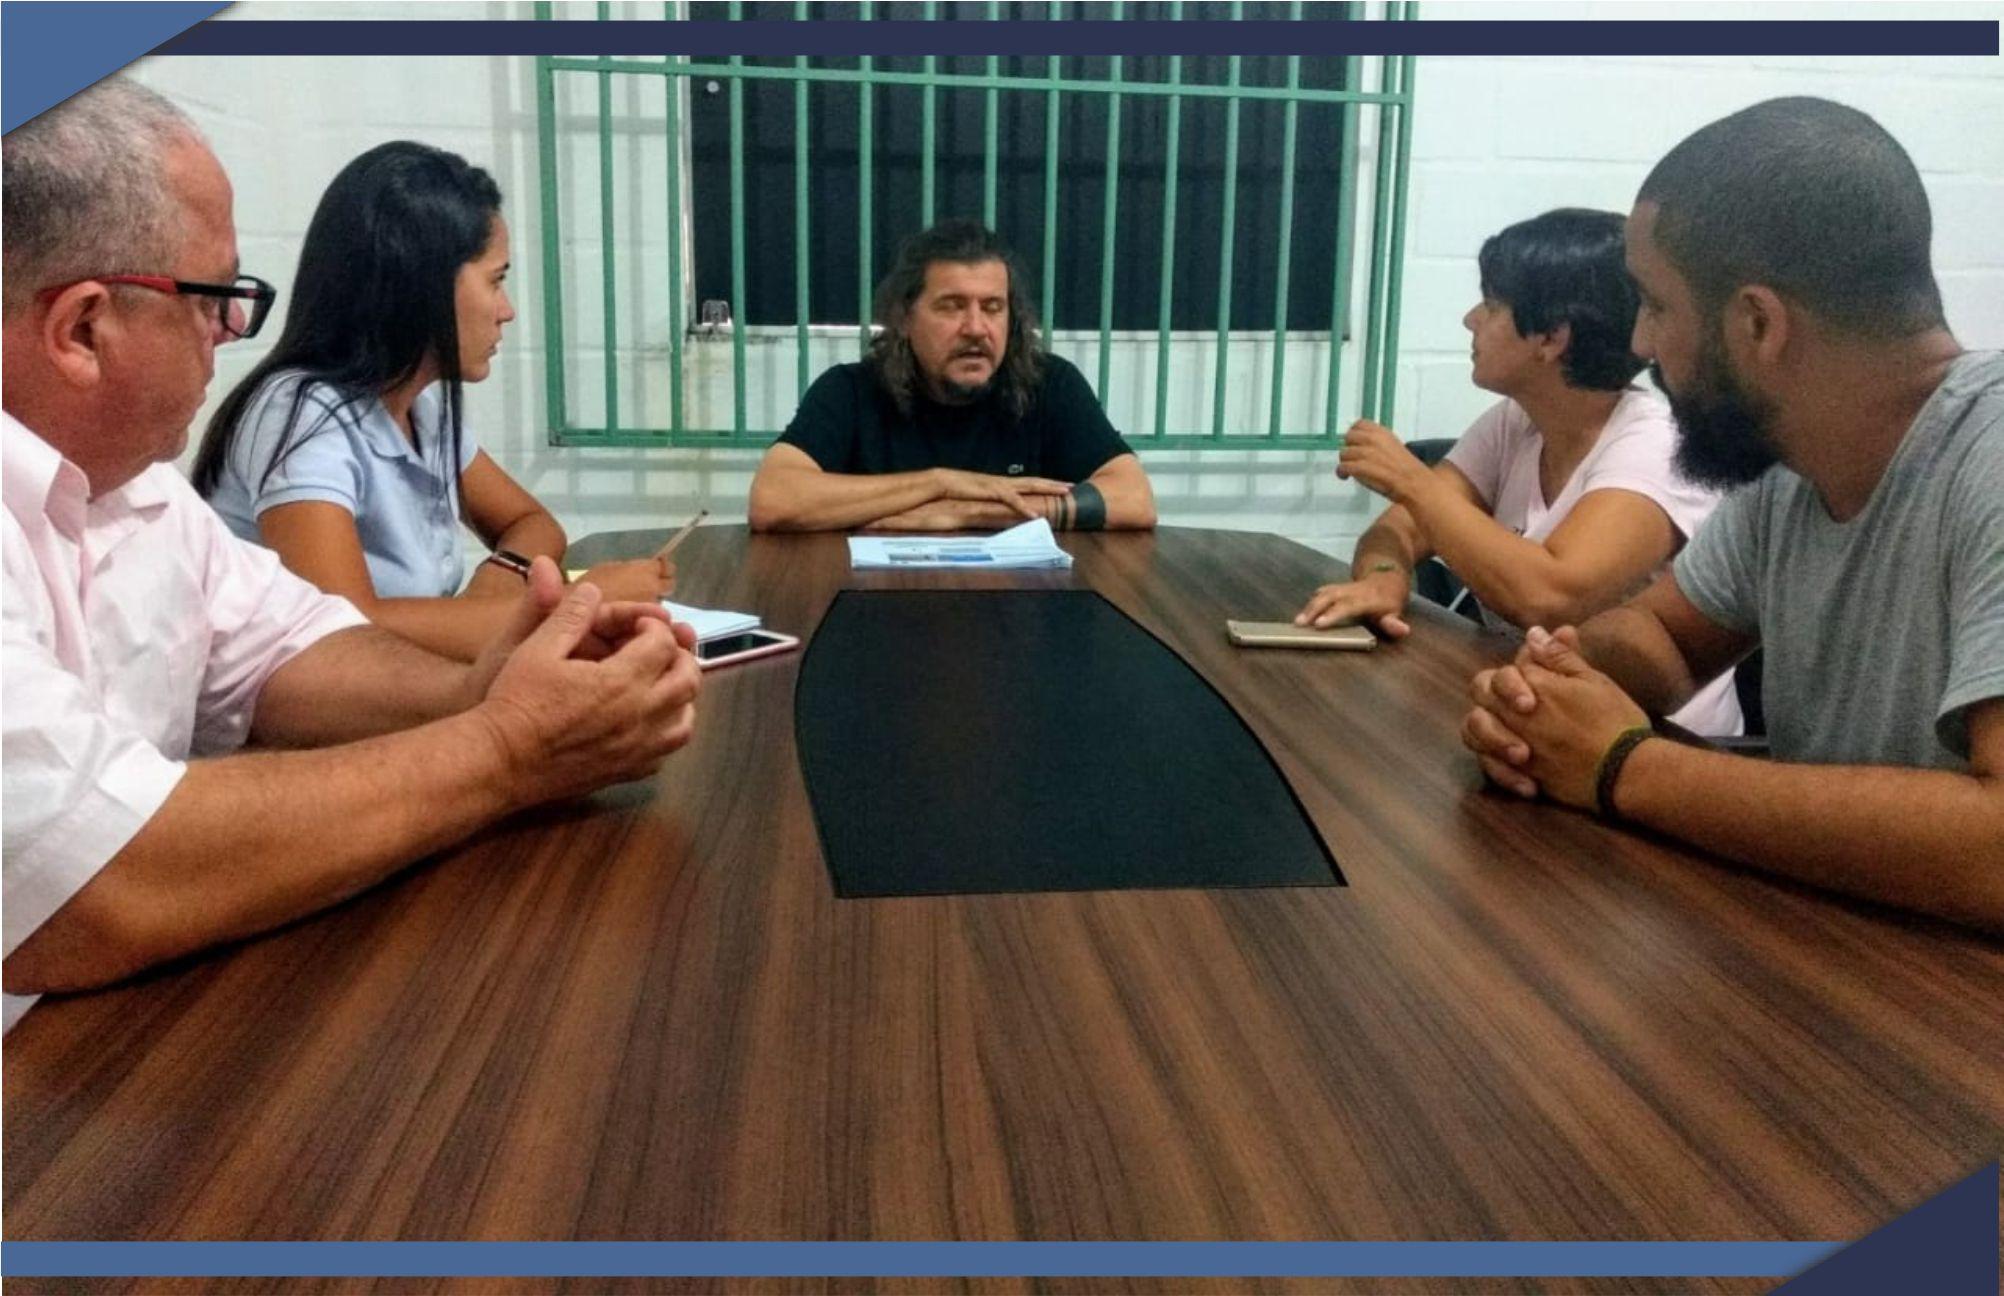 AMEAÇA DO ÓLEO: PLANO DE AÇÃO EMERGENCIAL MOBILIZA SECRETARIAS E ENTIDADES DE SÃO MATEUS